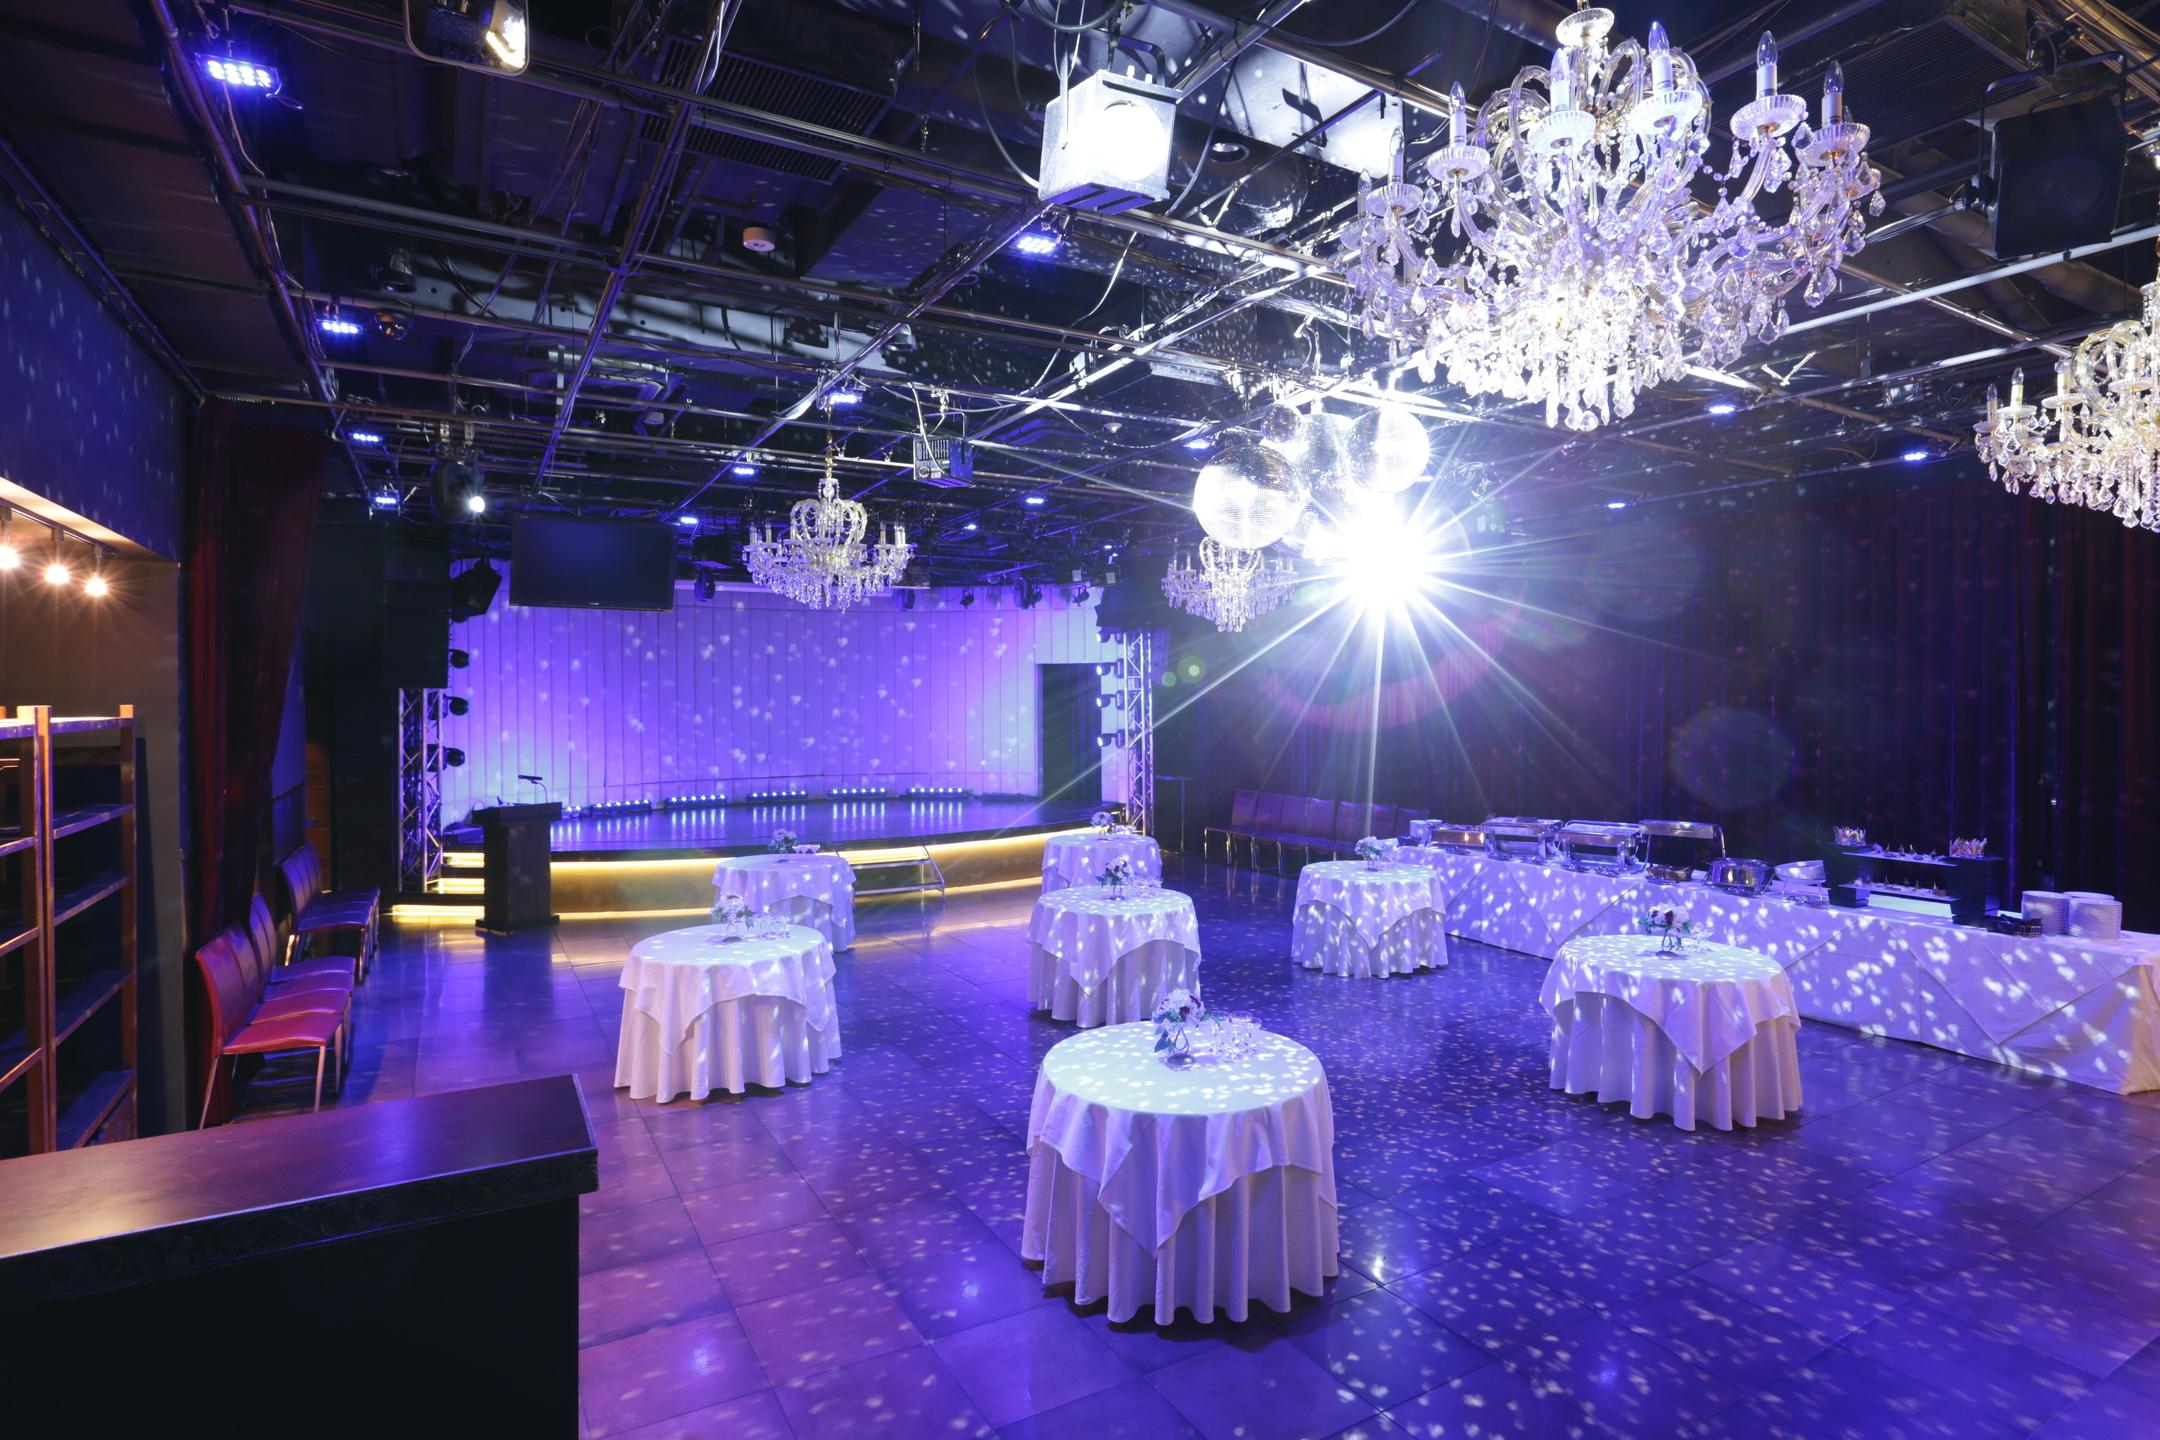 宴会やイベントなど様々な利用に最適☆照明もお任せ下さい。